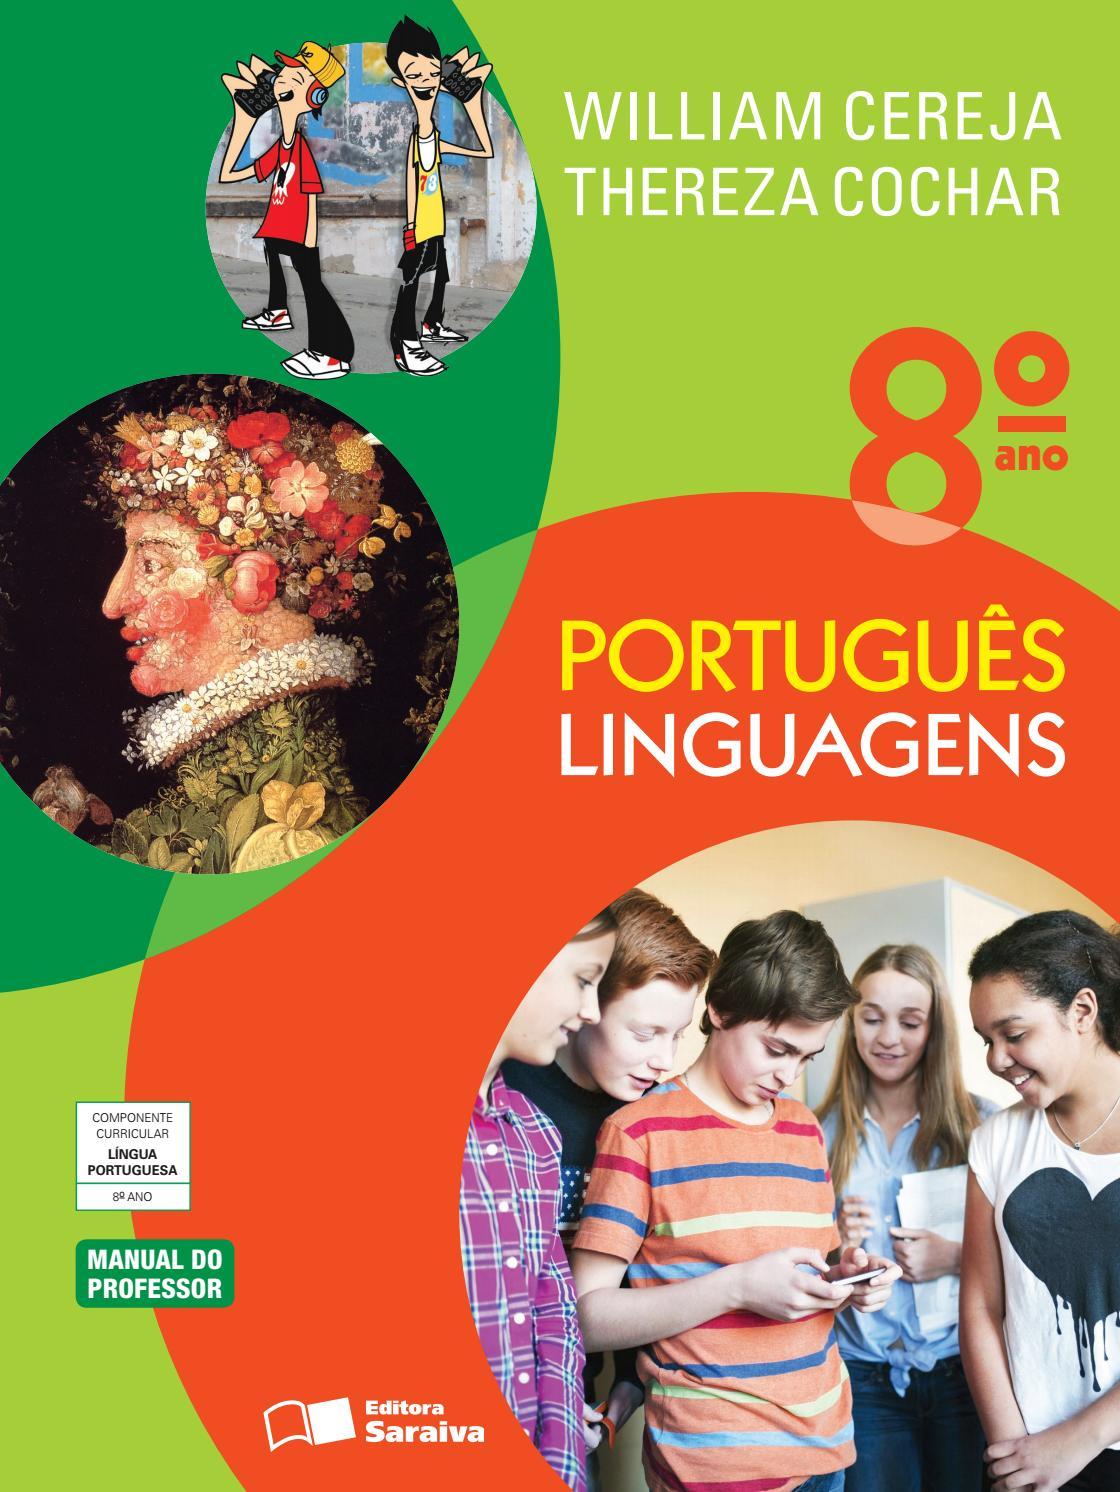 Português Linguagens 8ª ano